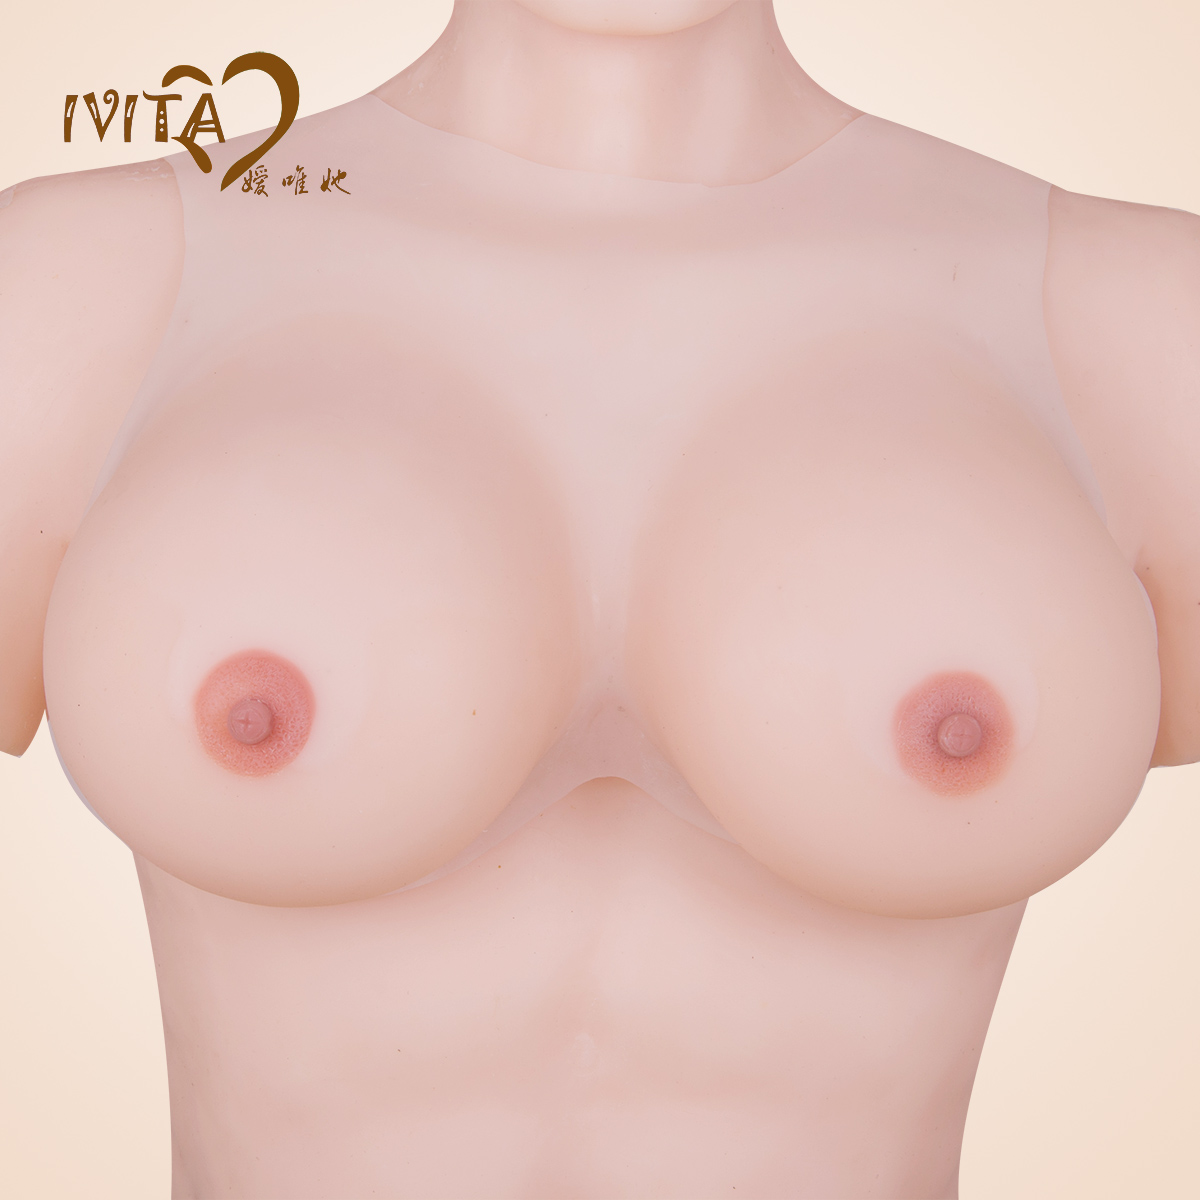 Реалистичные накладные груди 4 фотография